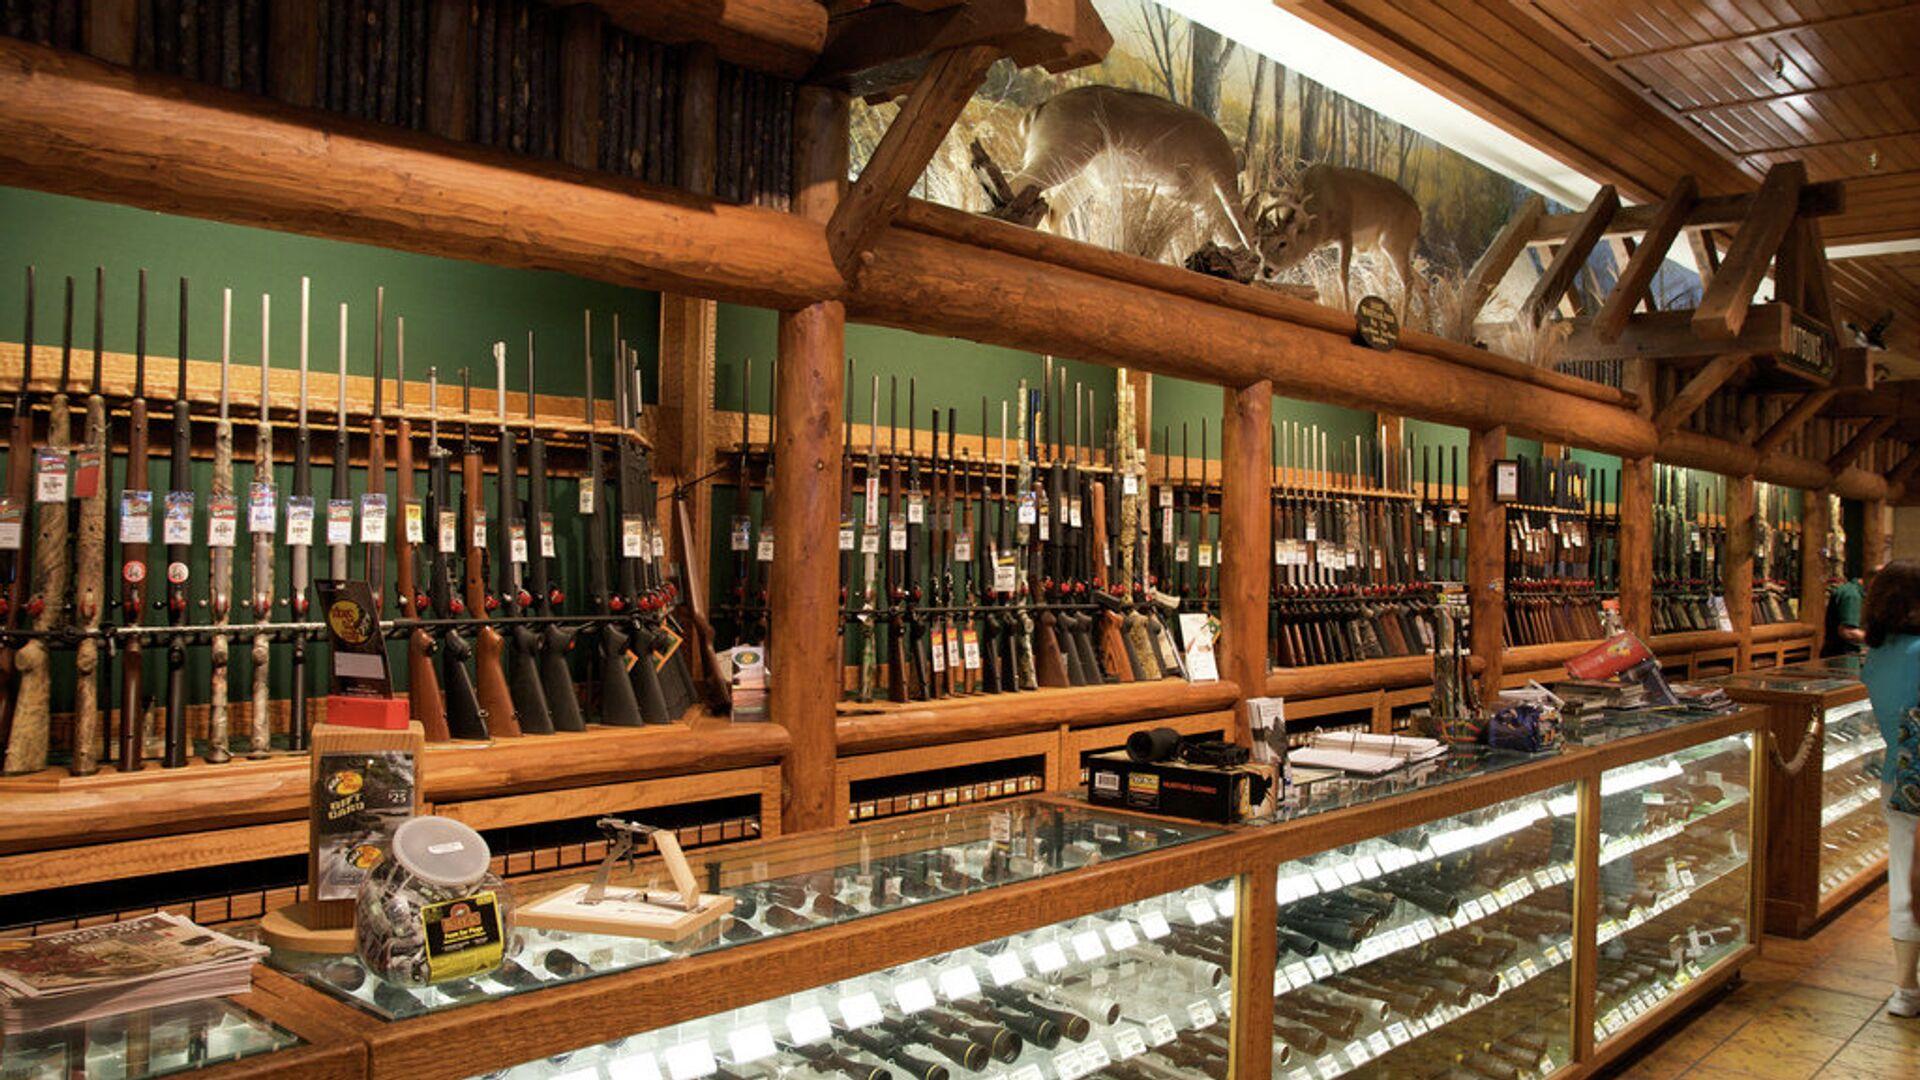 Продажа оружия в США - РИА Новости, 1920, 05.06.2021